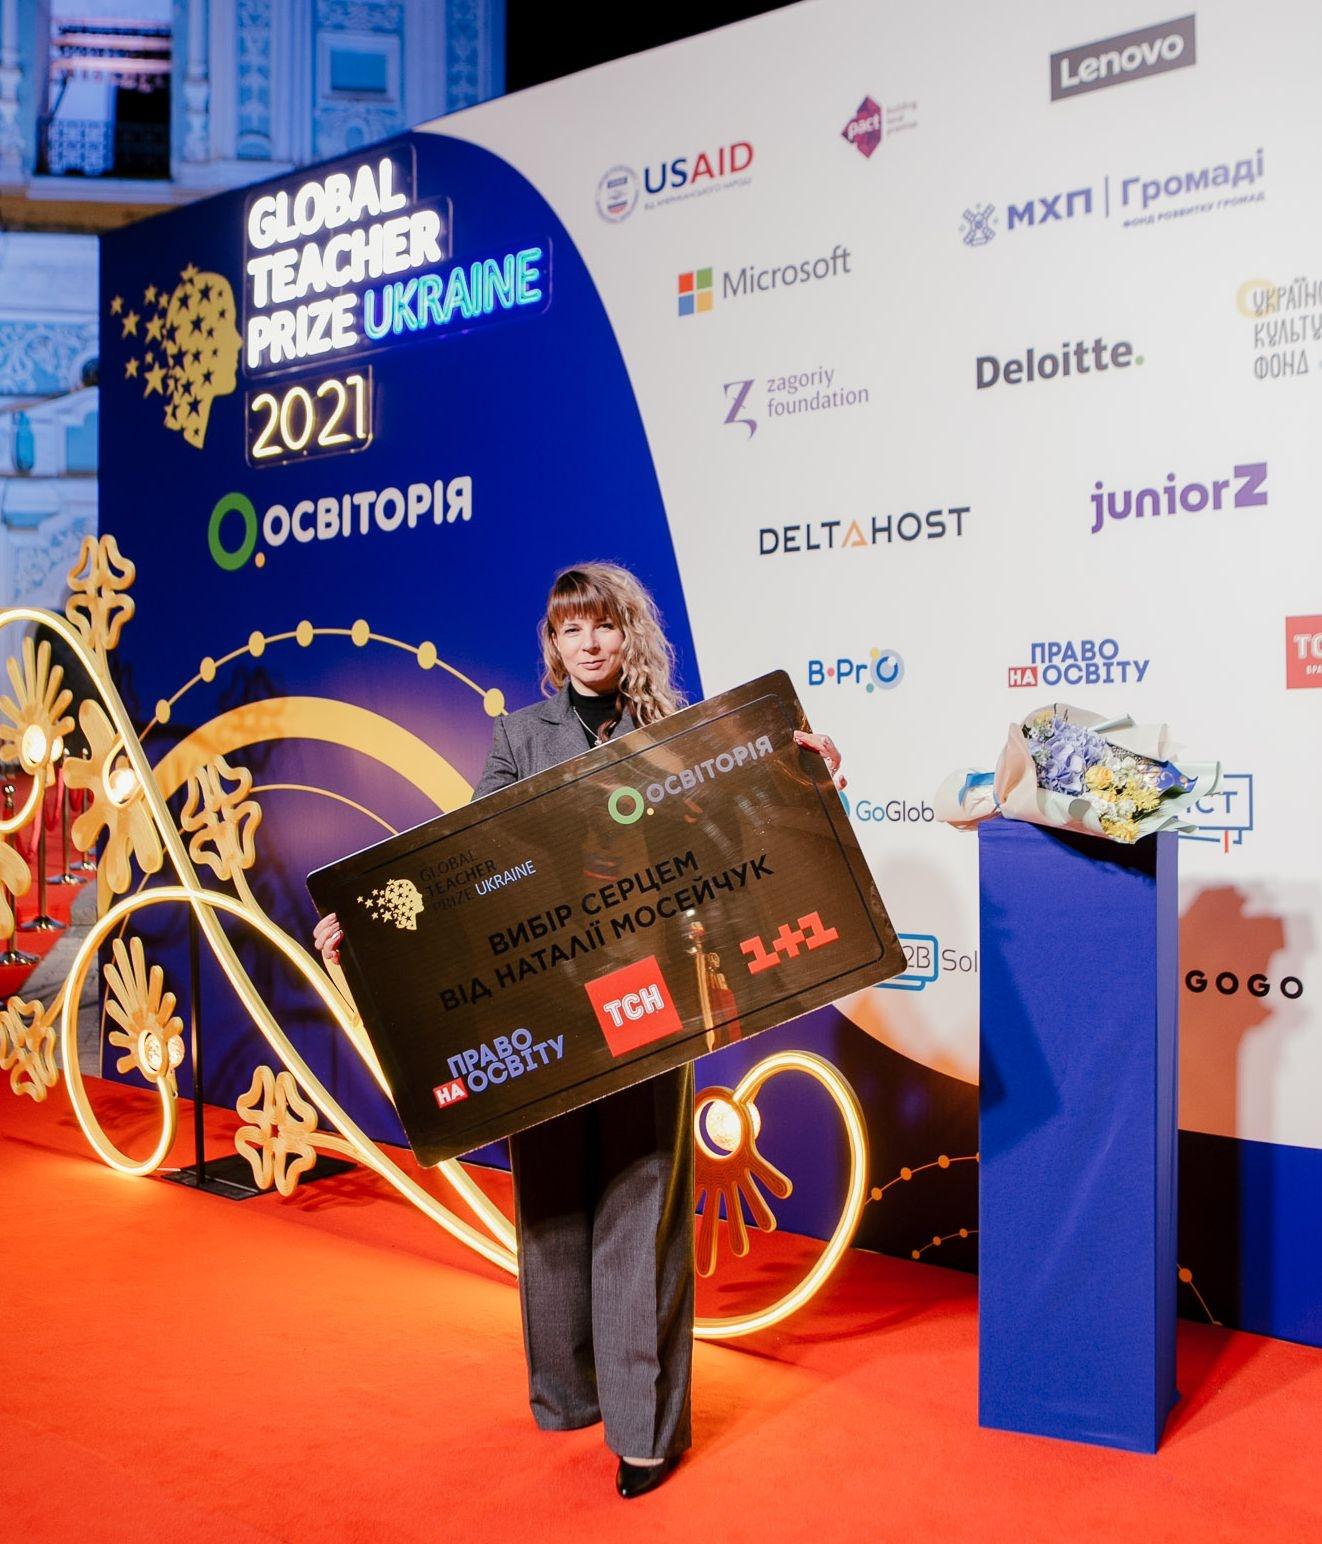 Лучшие учителя страны: названы победители премии Global Teacher Prize Ukraine 2021 - фото №2